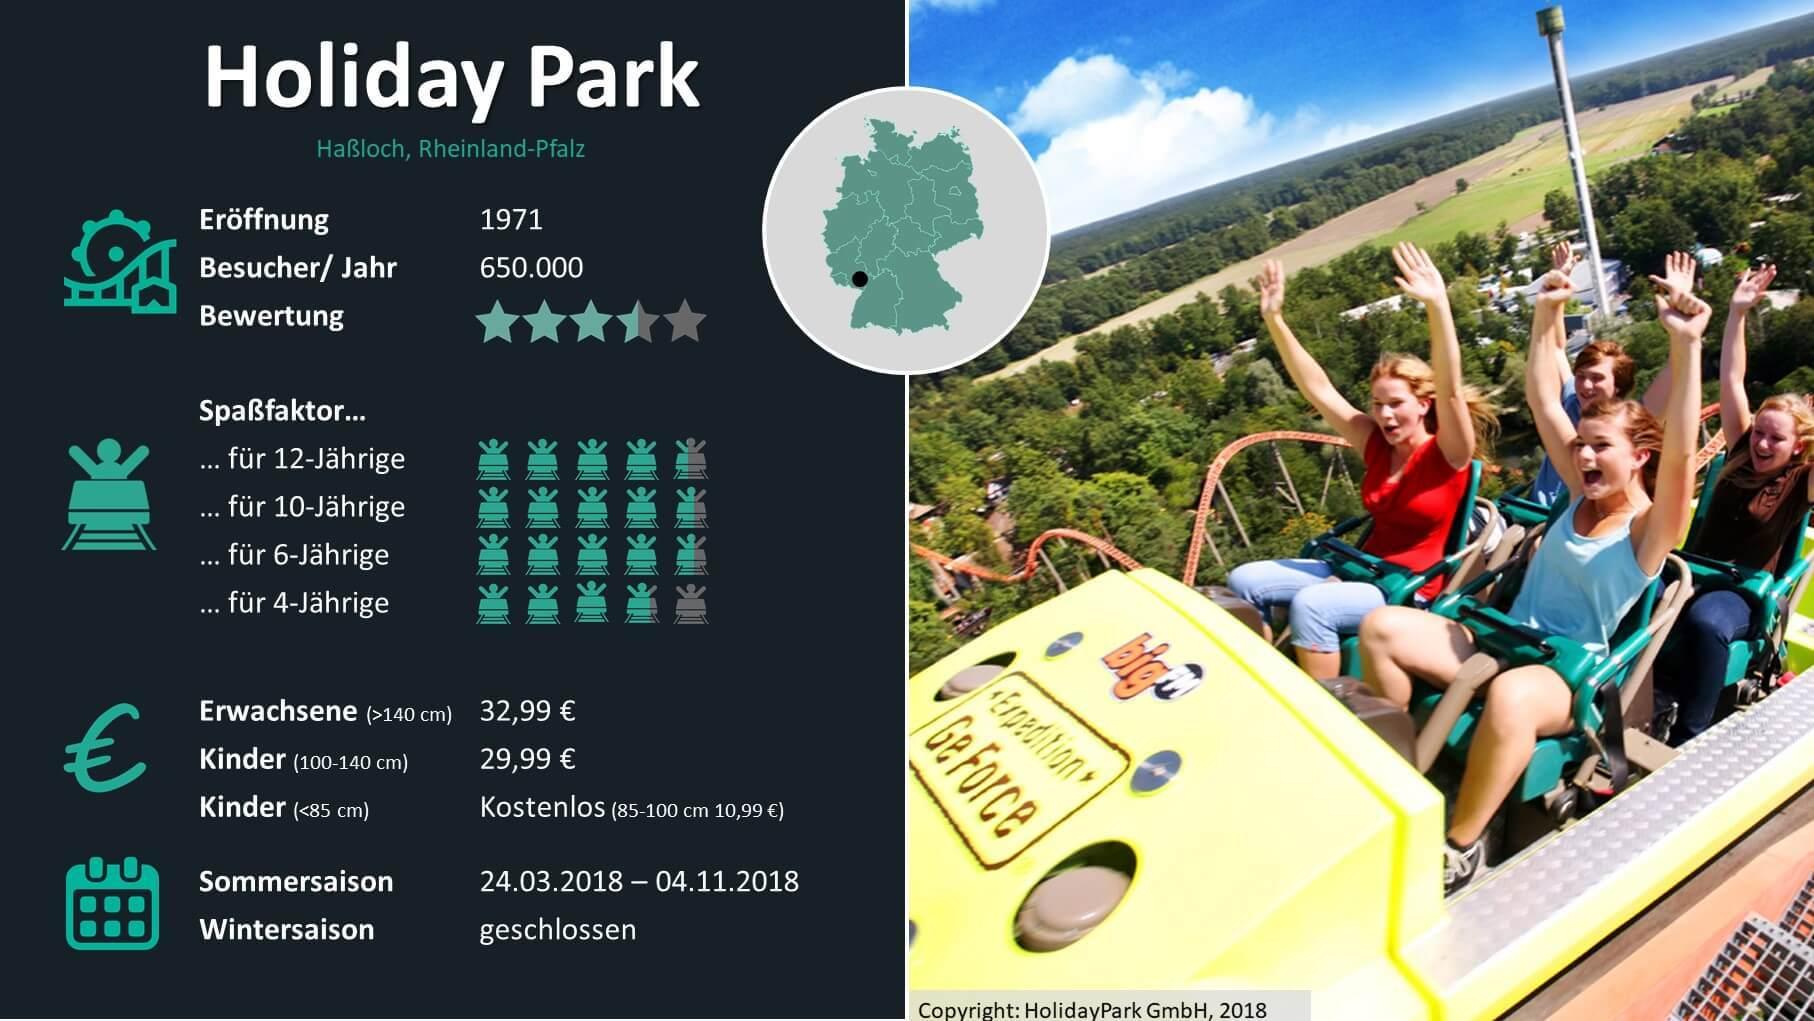 Freizeitpark Check: Holiday Park